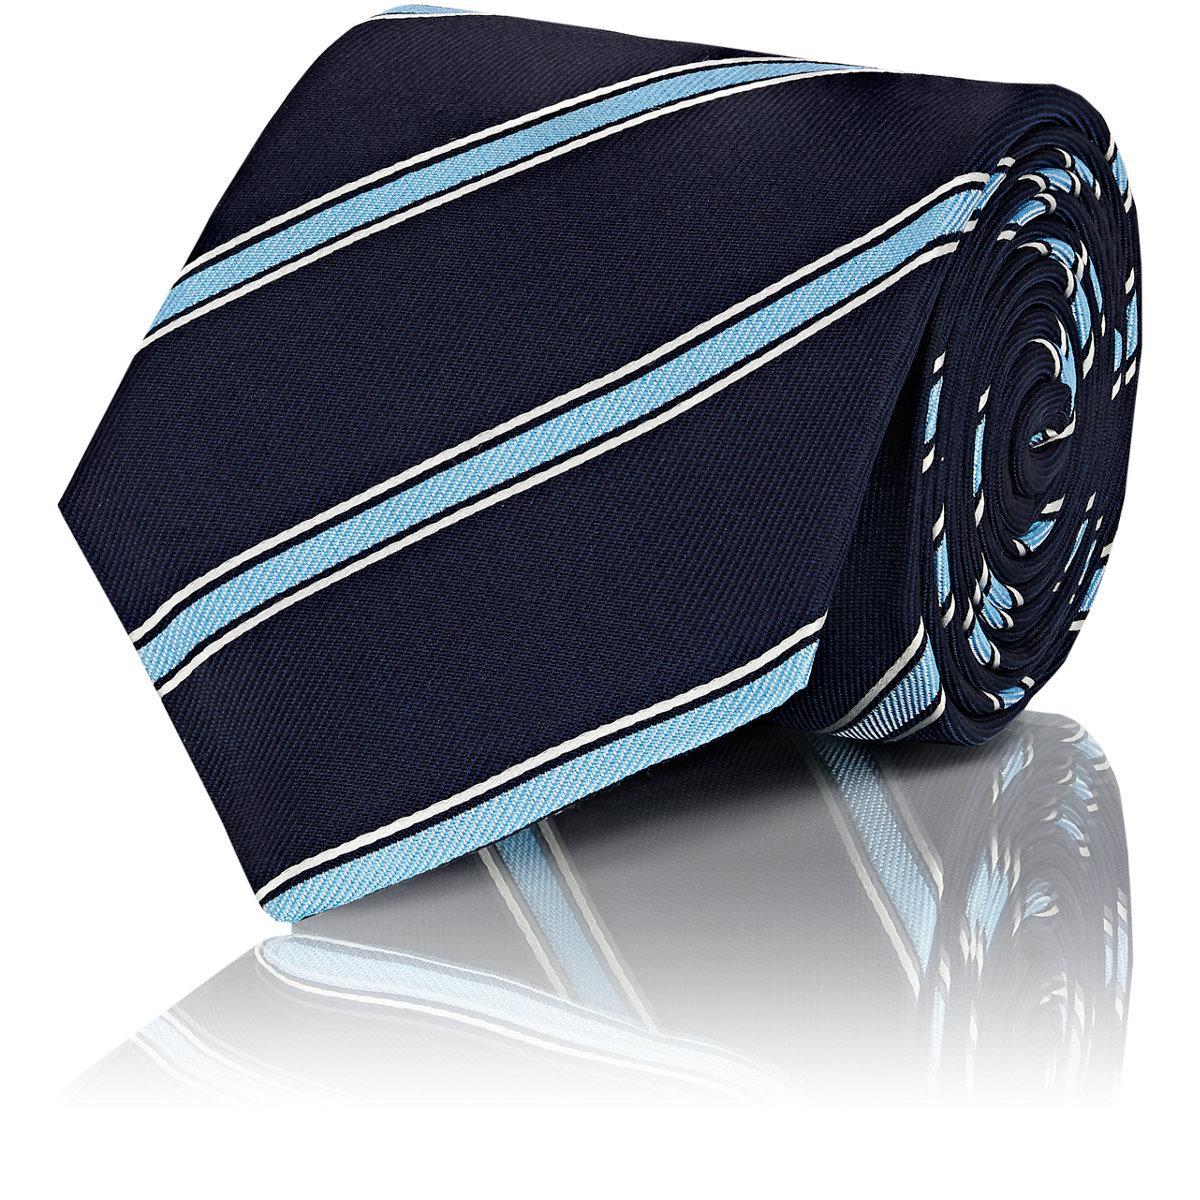 Mens Striped Silk Repp Necktie Isaia dYlg1WvtU8